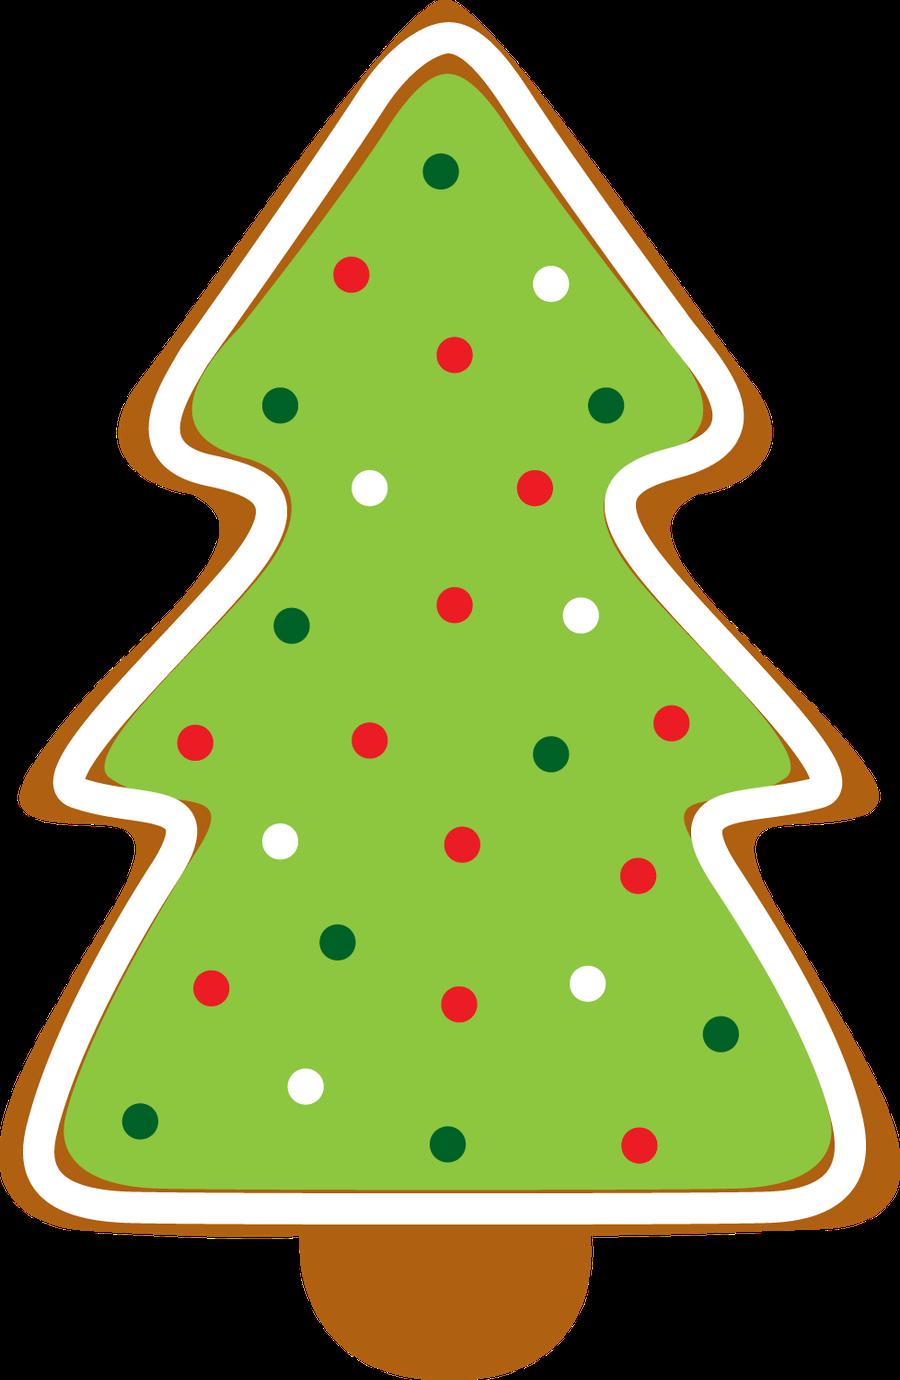 Minus Say Hello Christmas Tree Printable Silhouette Christmas Gingerbread Christmas Tree